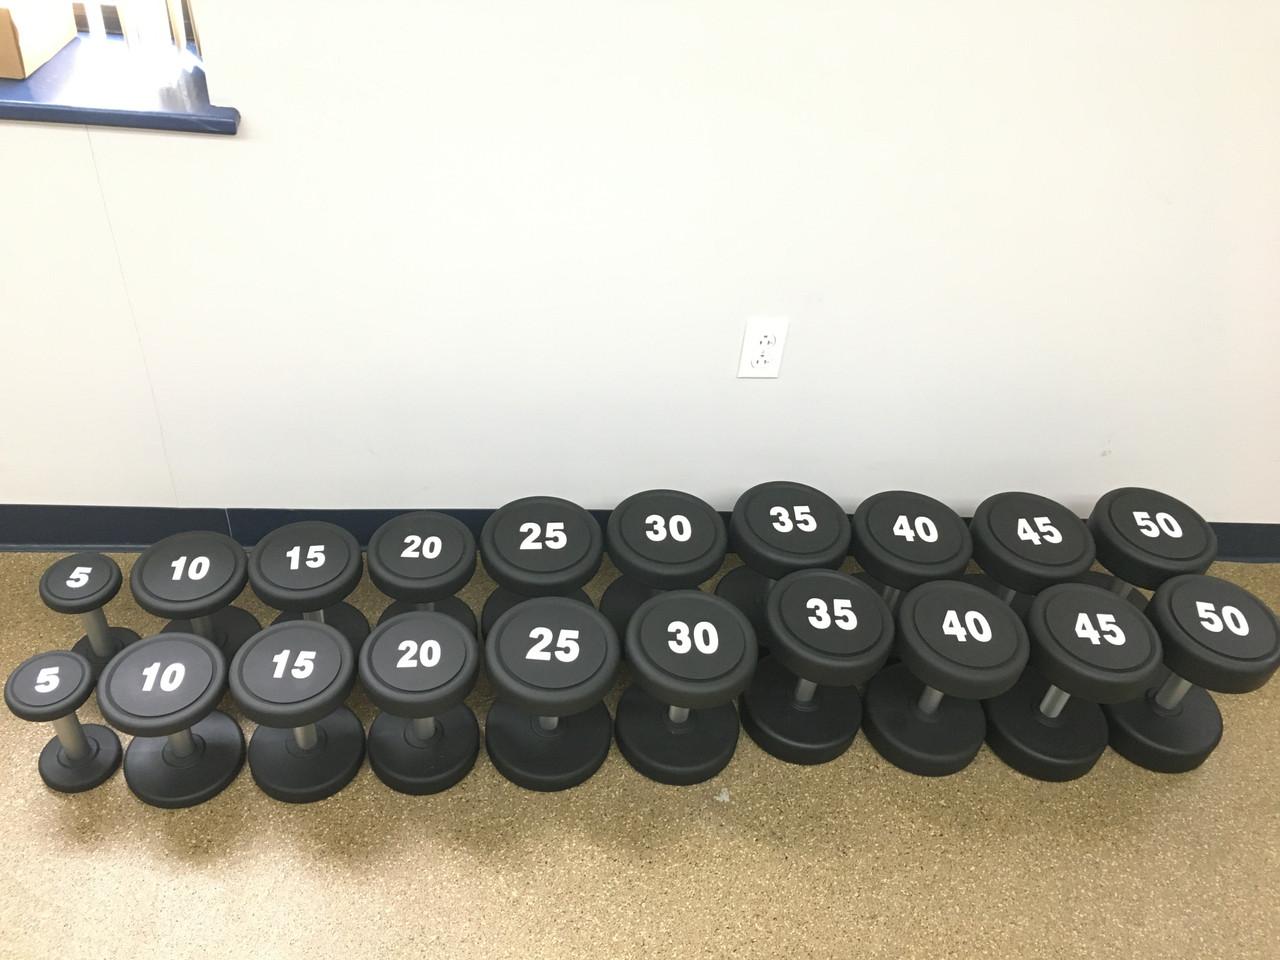 5-50 Dumbbell Set